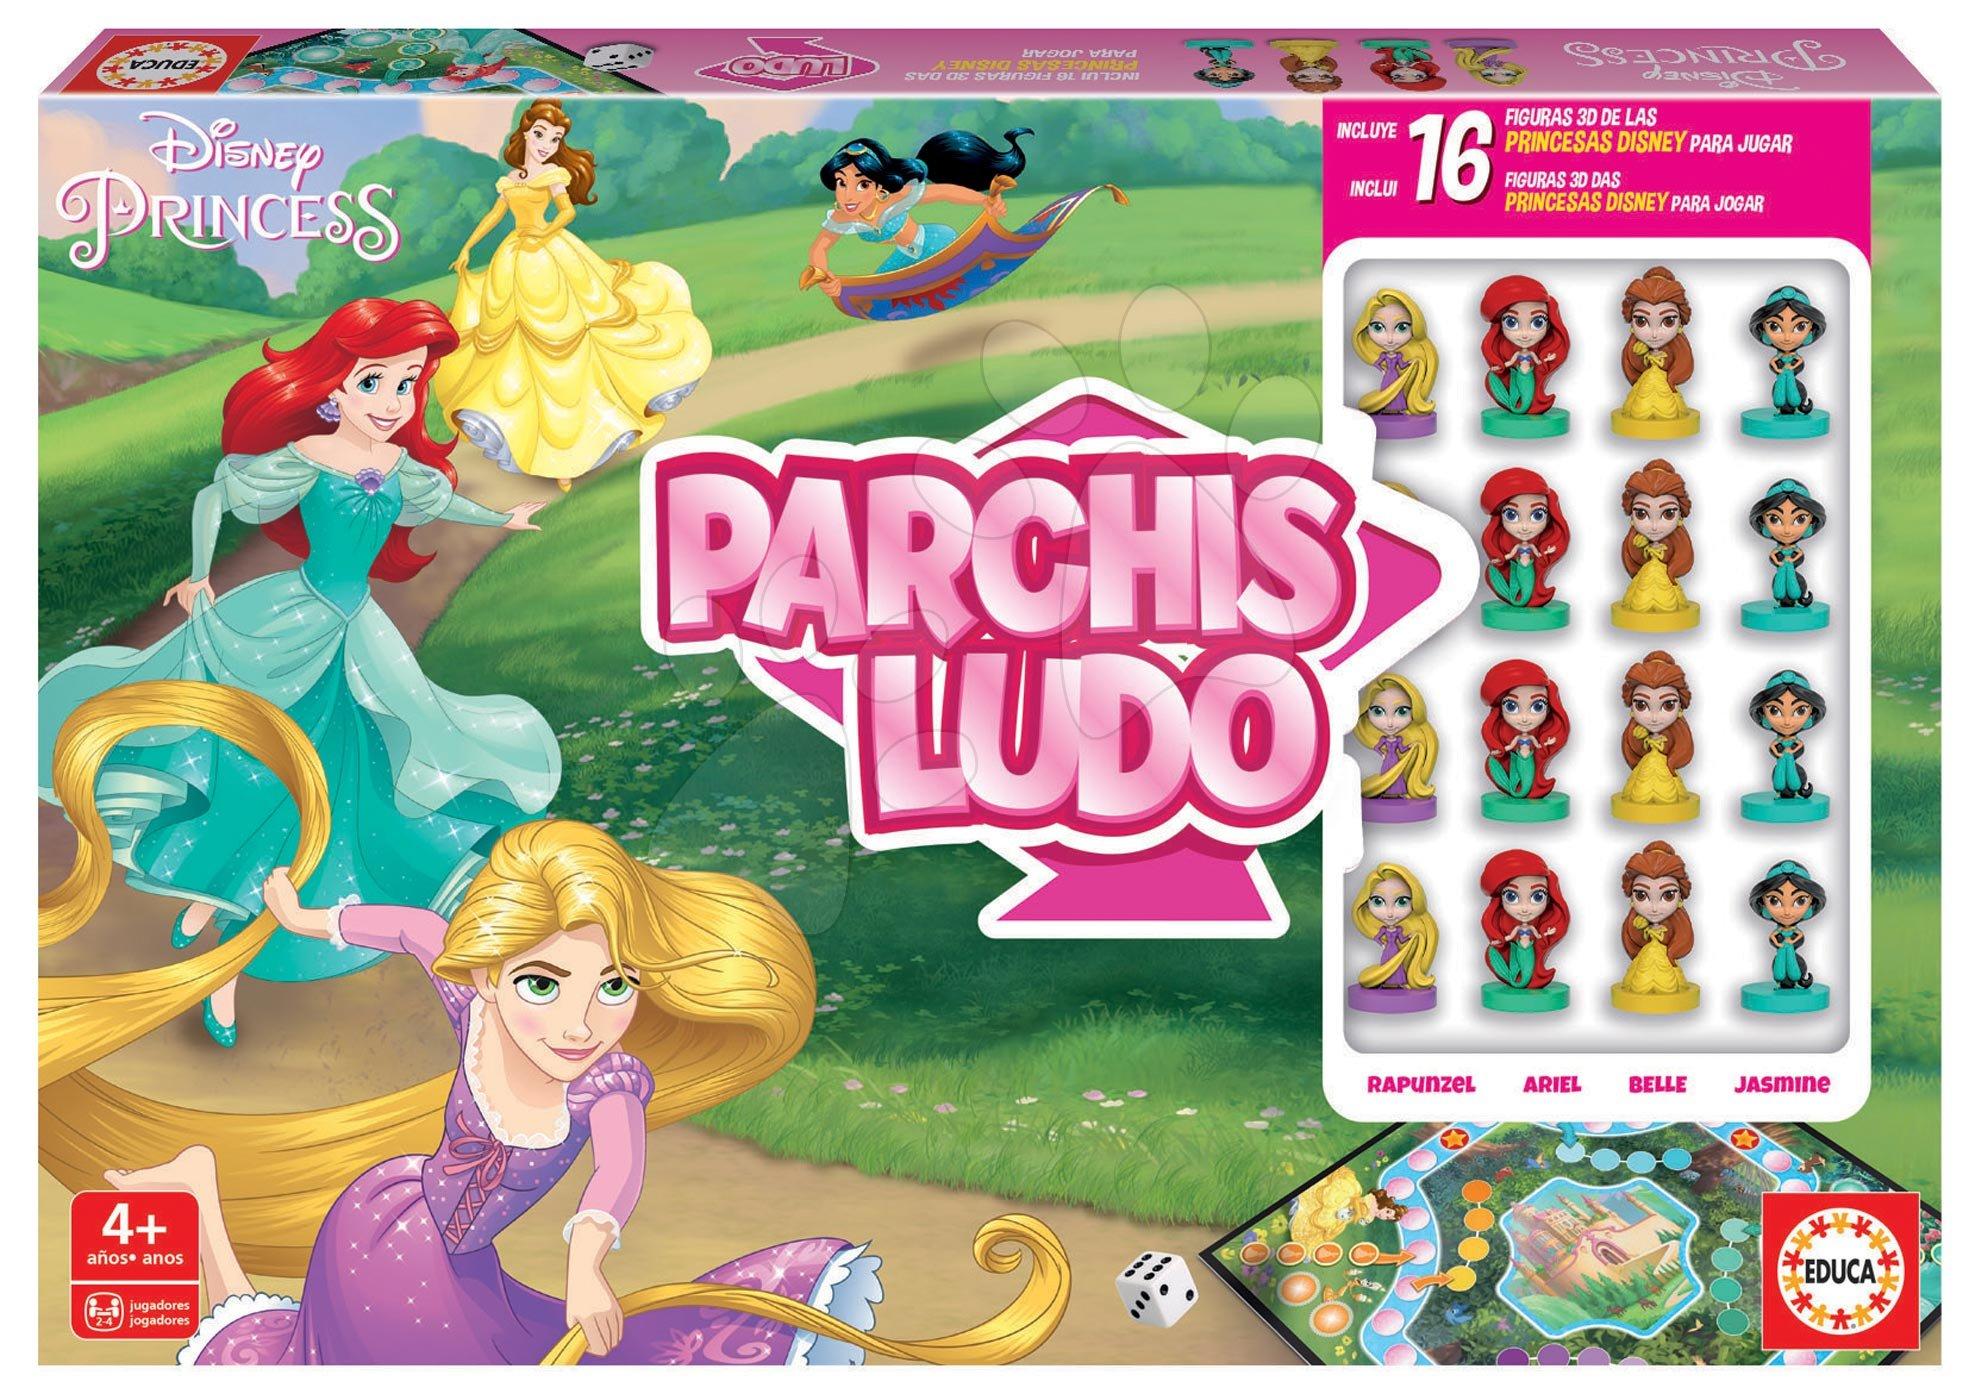 Társasjáték Parchis Princesas Disney Educa Ki nevet a végén? 16 bábuval 4 évtől spanyol nyelvű